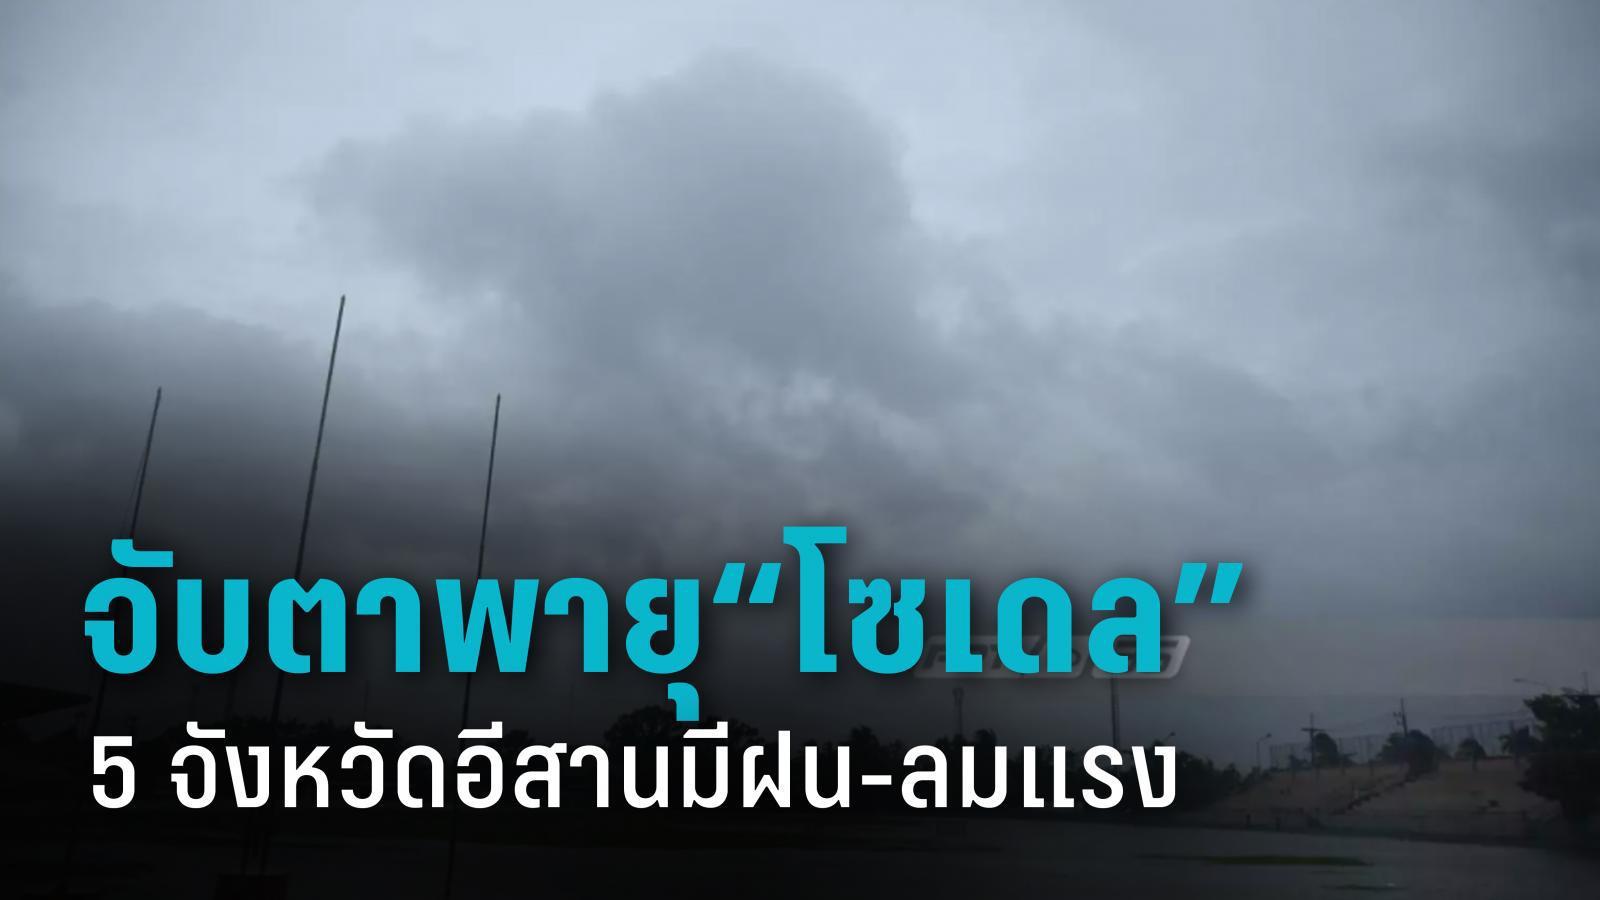 """จับตา พายุ""""โซเดล"""" 25-26 ต.ค. นี้ 5 จังหวัดอีสานมีฝน-ลมแรง"""